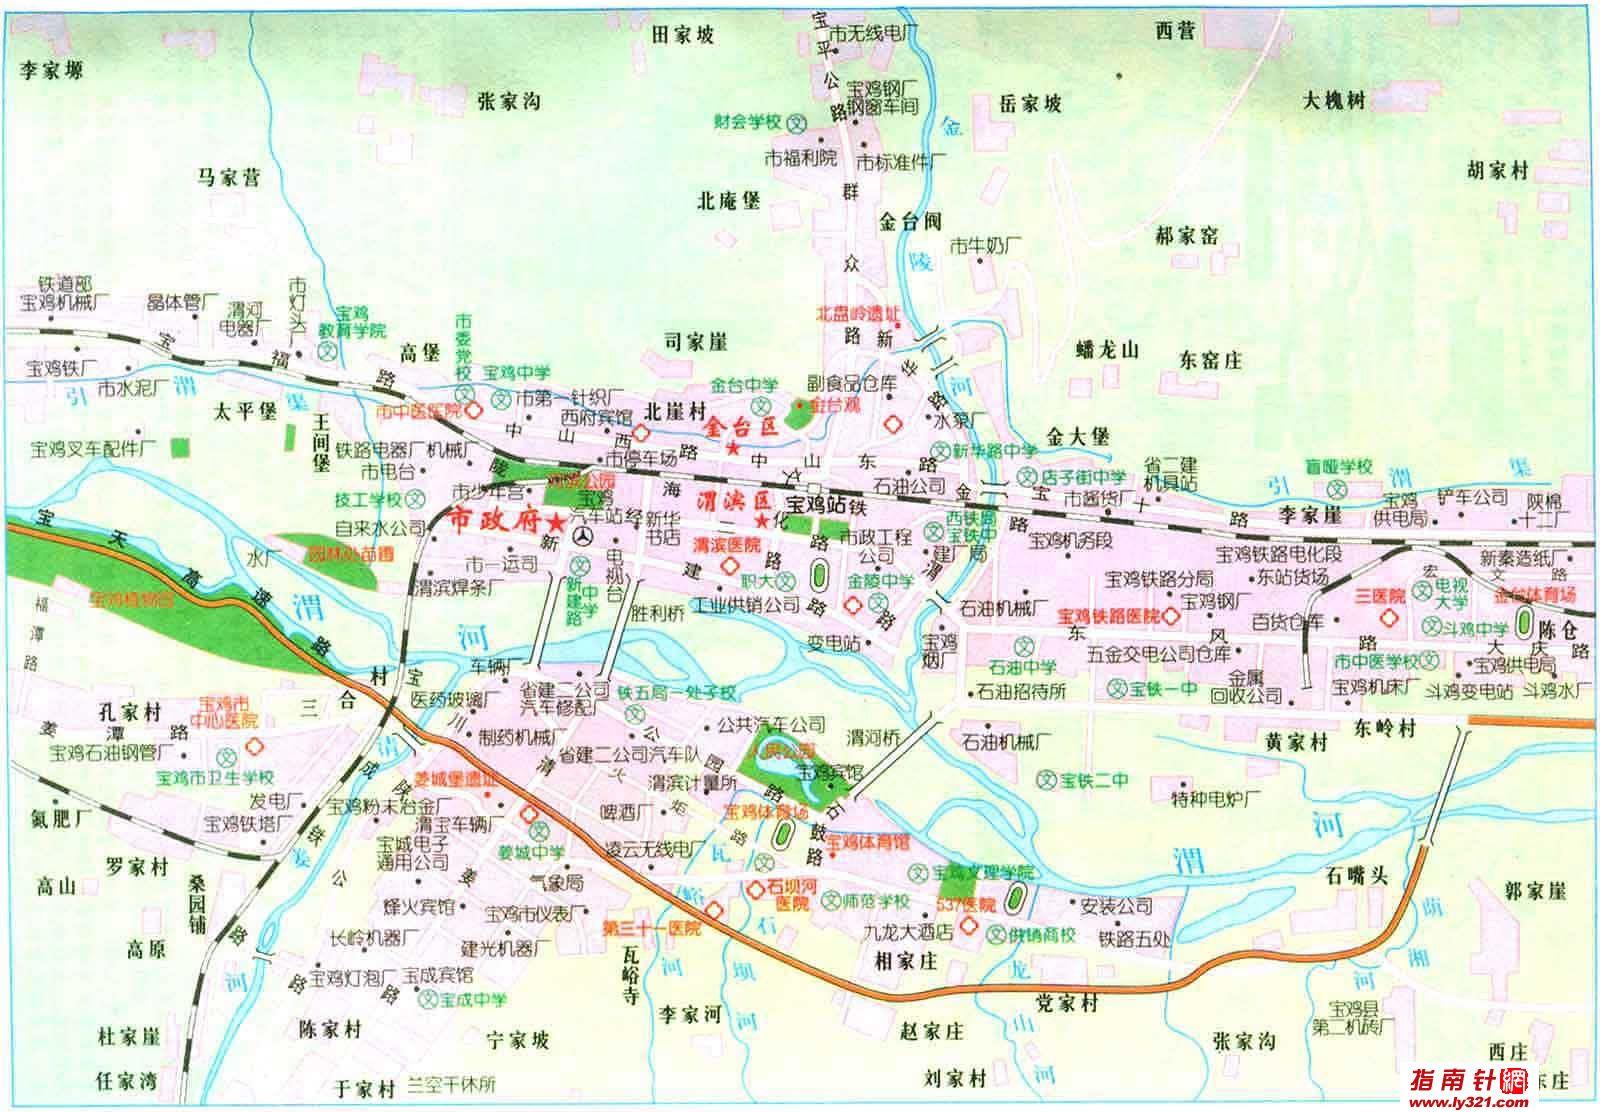 陕西宝鸡市交通地图_宝鸡市地图查询